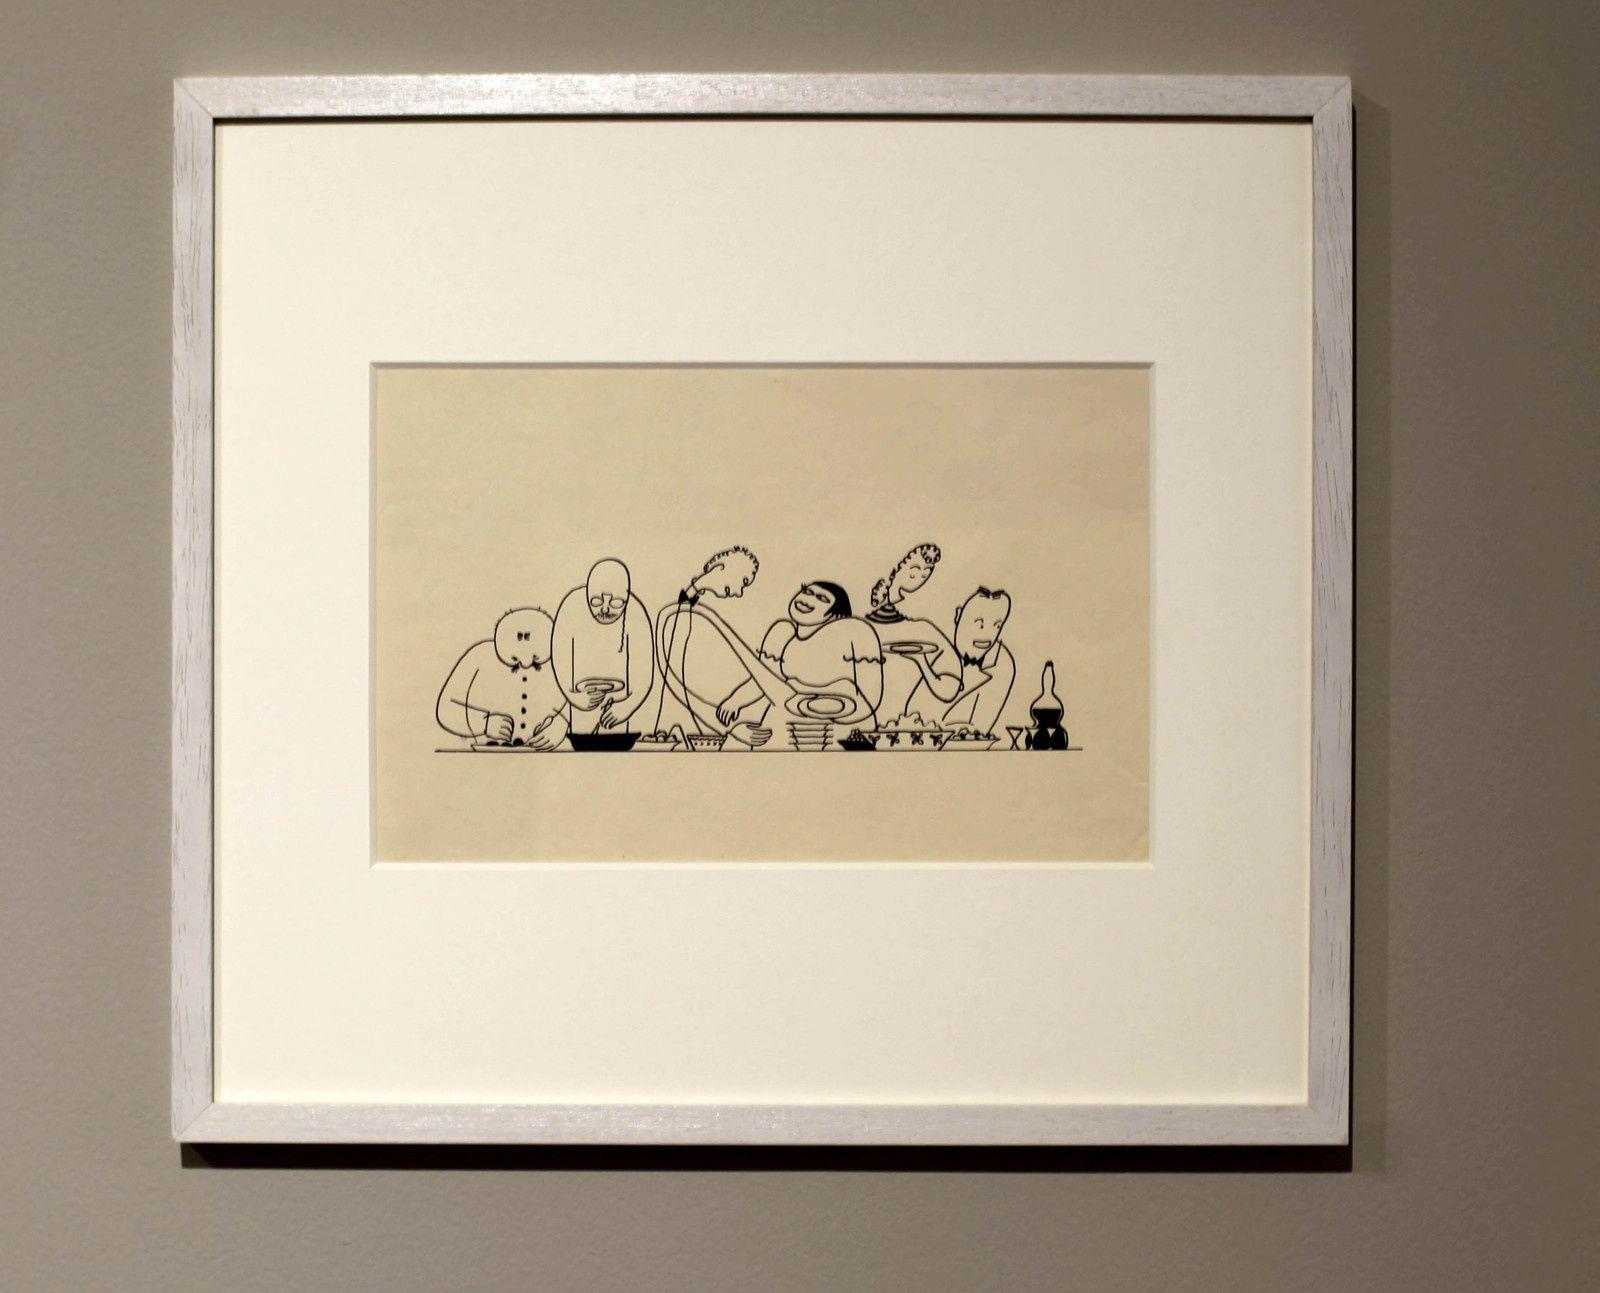 """Illustration du livre """"Casseroles - Recettes du monde entier"""", 1938 Anna-Eva BERGMAN - Courtesy Galerie Jérôme Poggi et la Fondation Hartung/Bergman © Photo Éric Simon"""